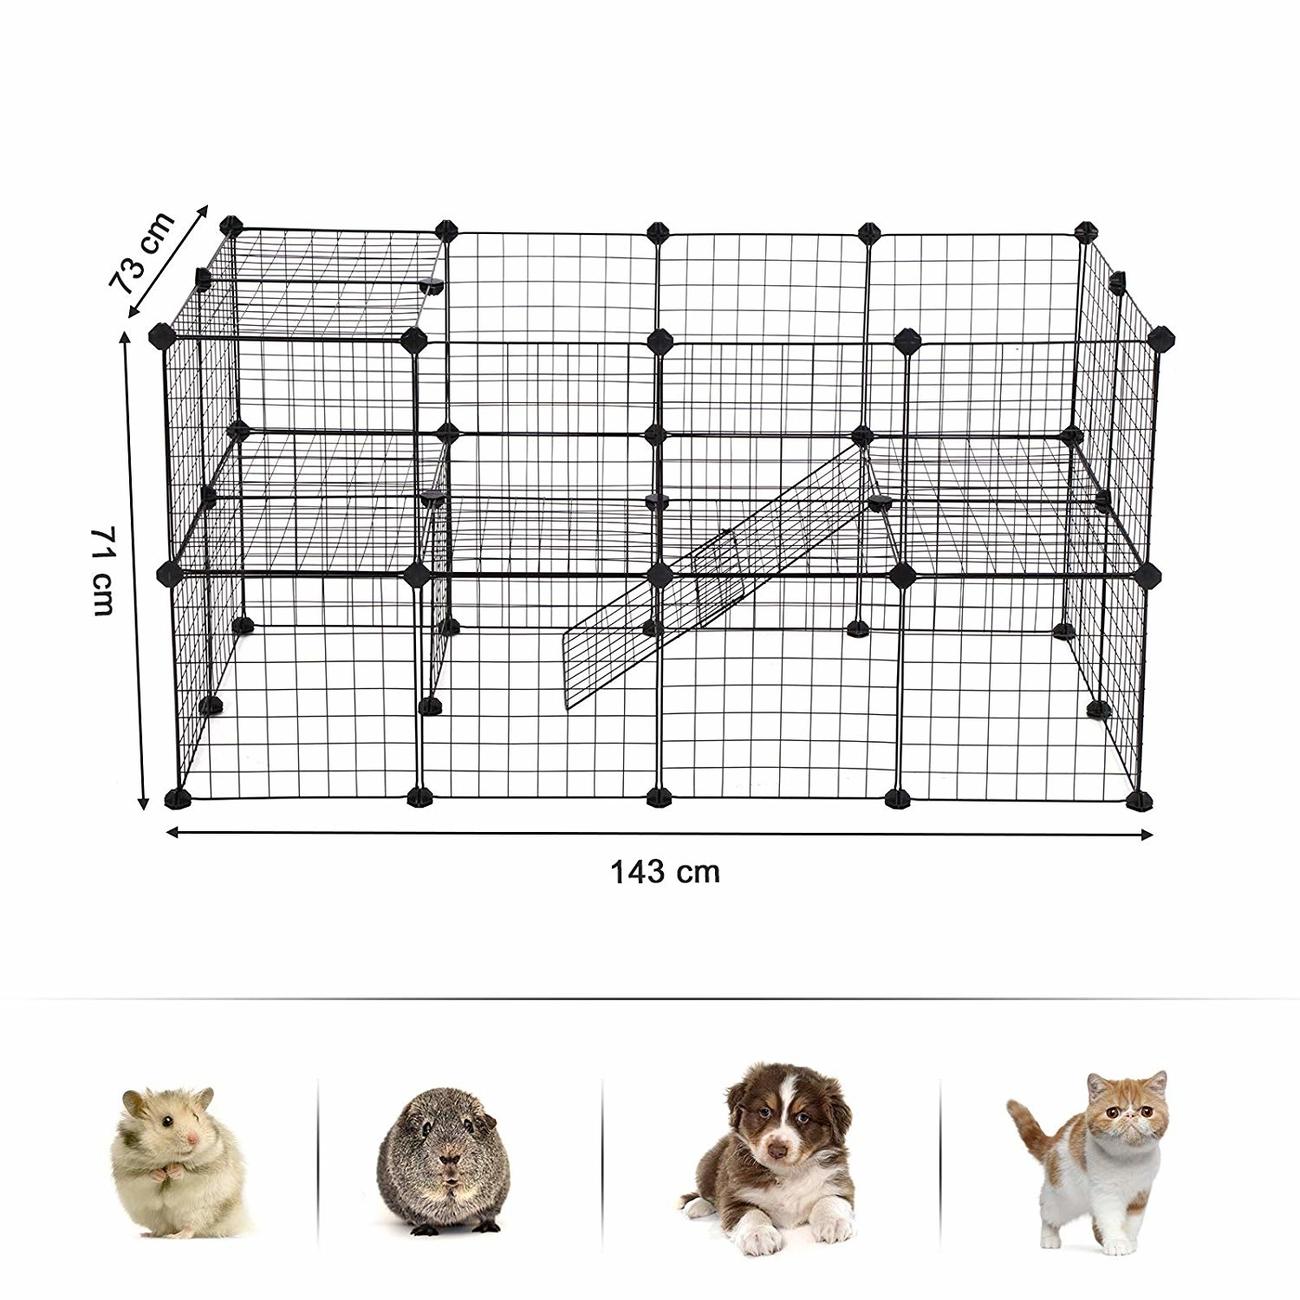 SONGMICS Gittergehege großes Laufgitter für Kleintiere und Meerschweinchen, Bild 5